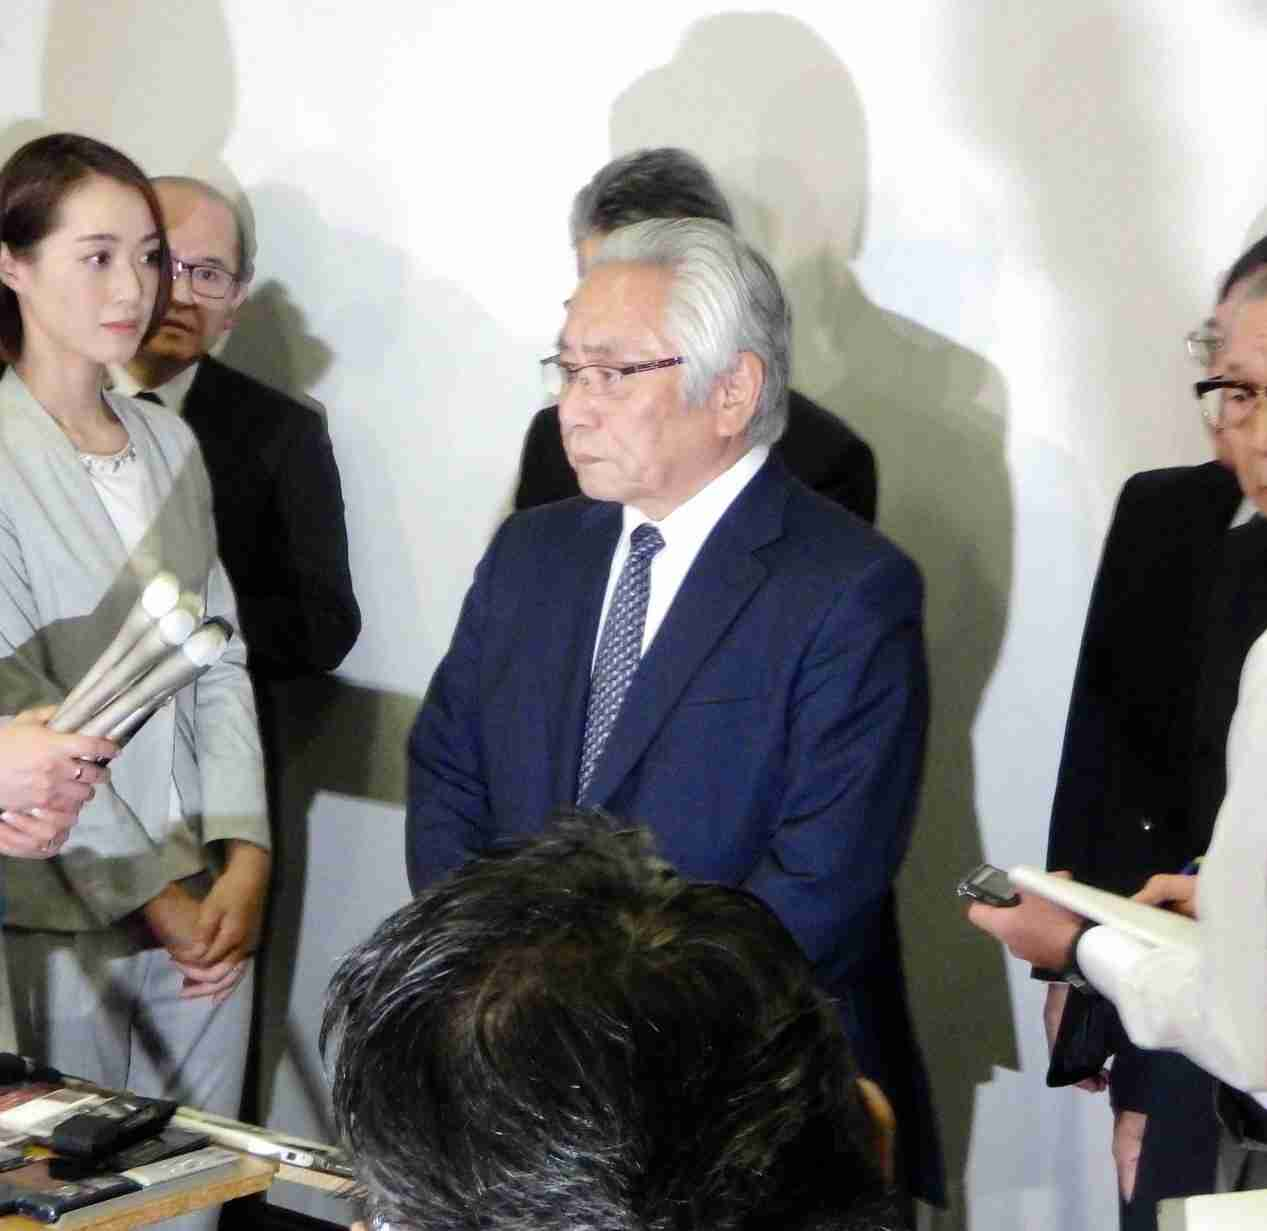 日大学長、関東学連処分に不満にじませる「どうしてあそこまで否定されるのか」(デイリースポーツ) - Yahoo!ニュース